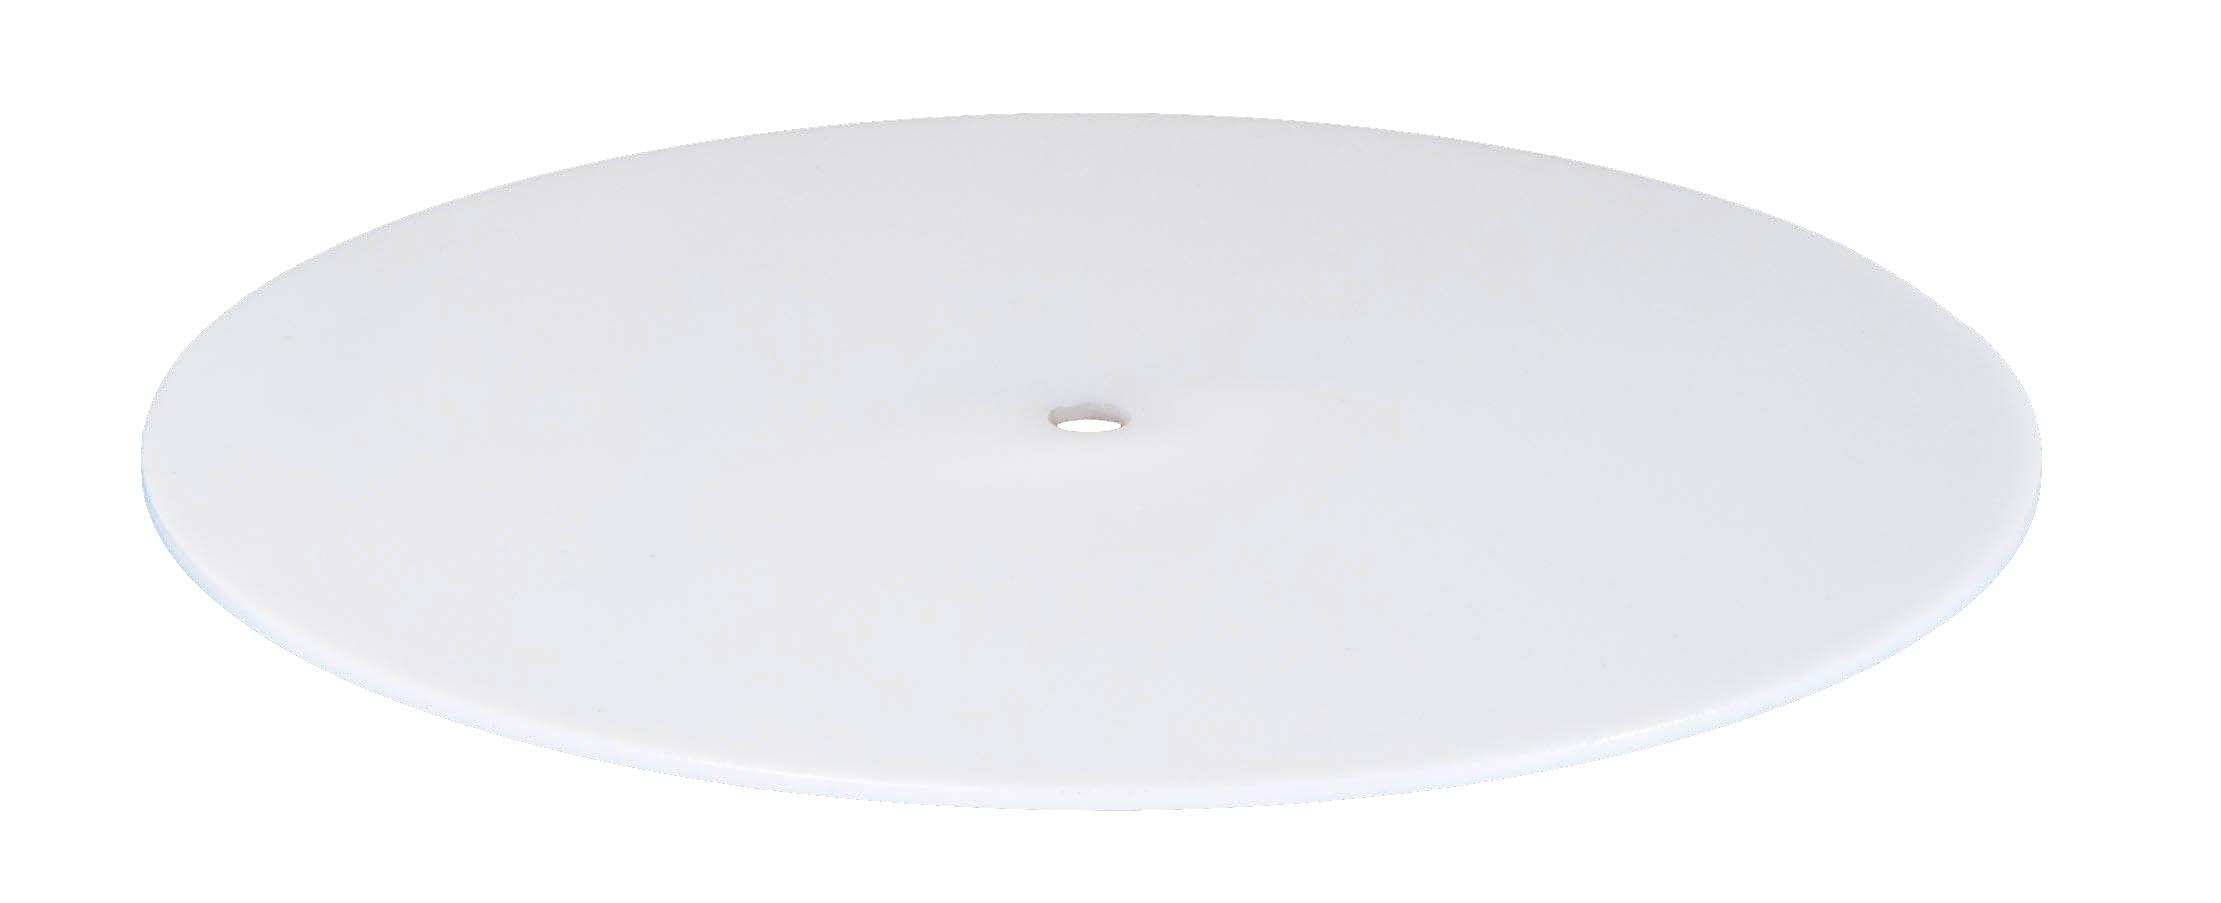 B&P Lamp Lampshade Diffuser, 15.5 In Diameter, Fits 17 And 1